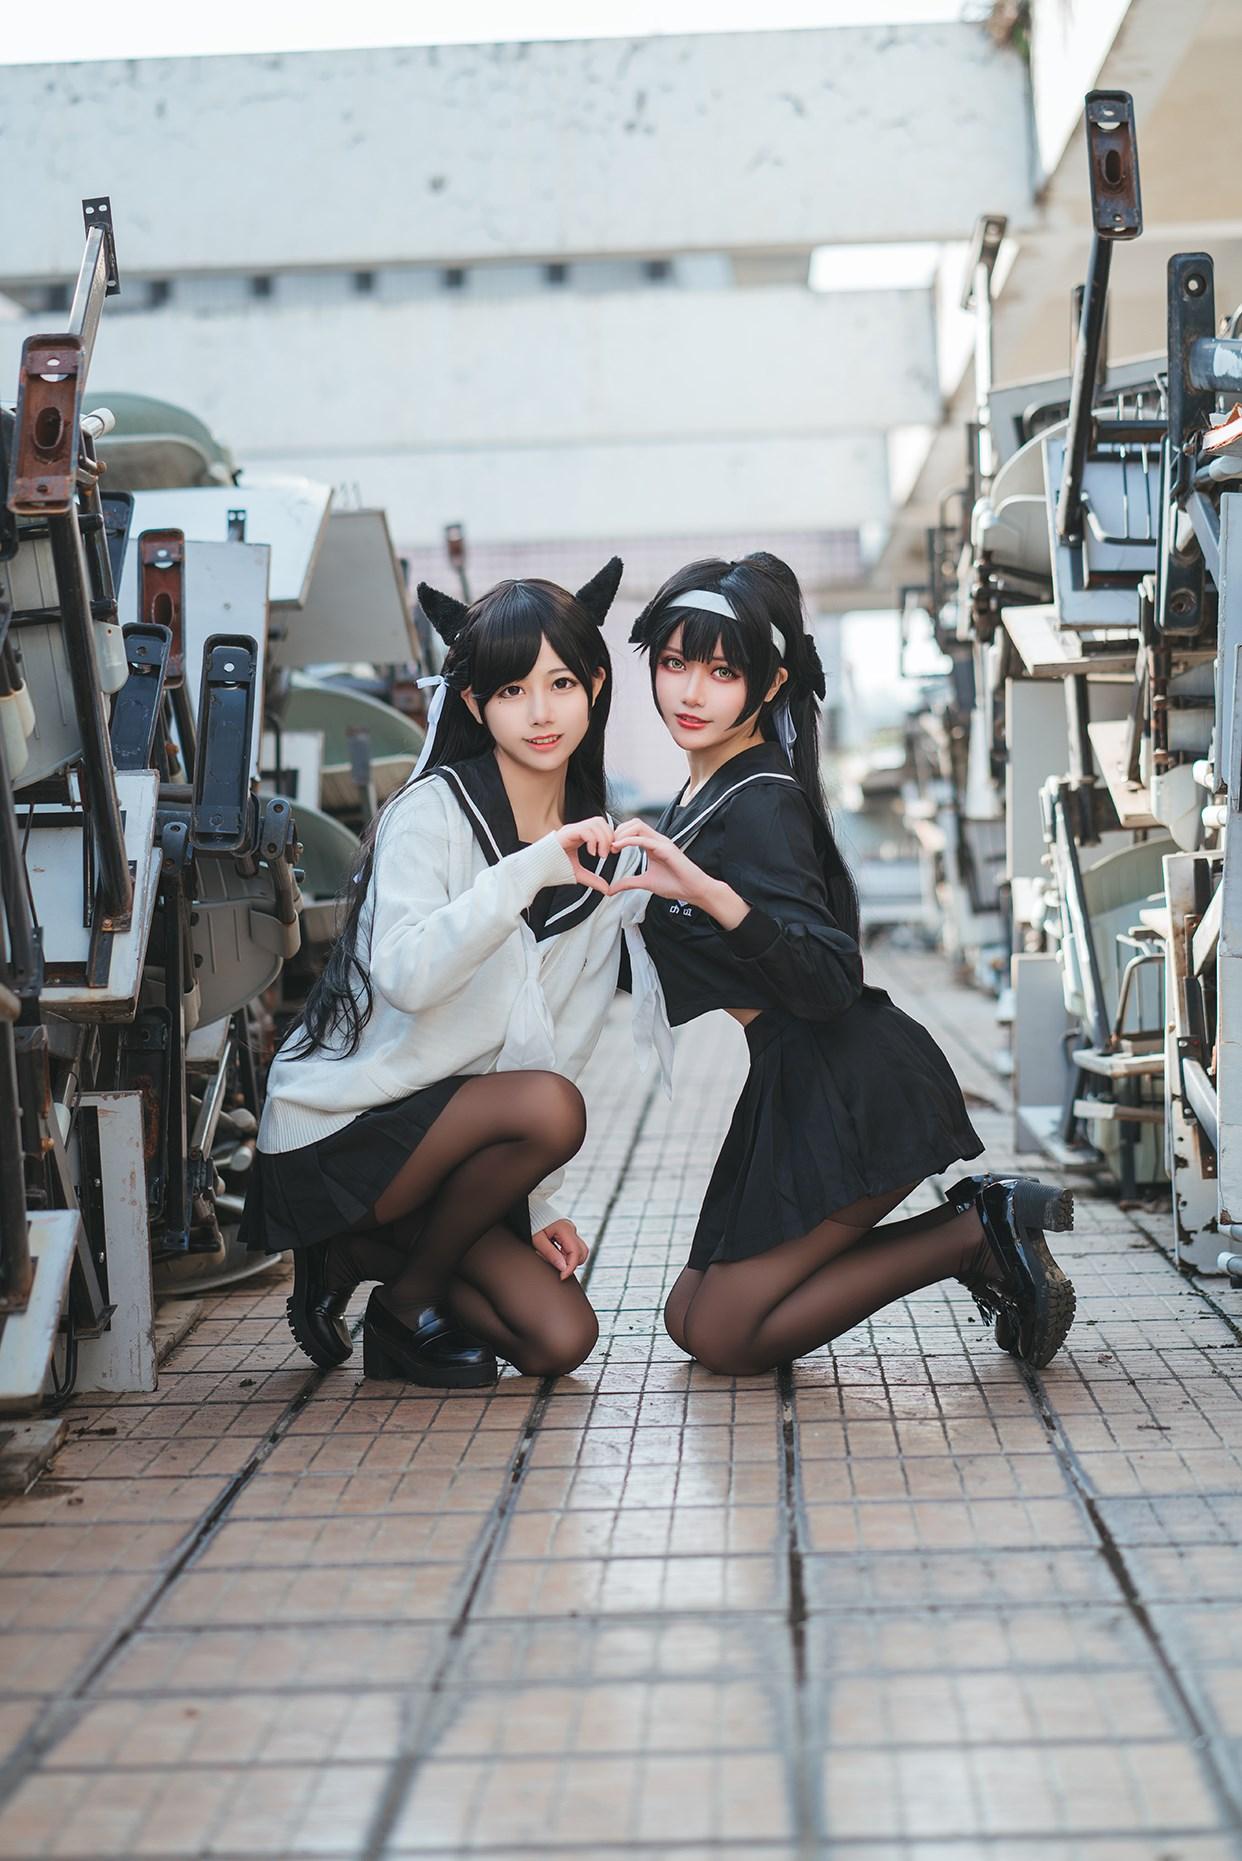 【兔玩映画】vol.04-高雄爱宕 兔玩映画 第33张